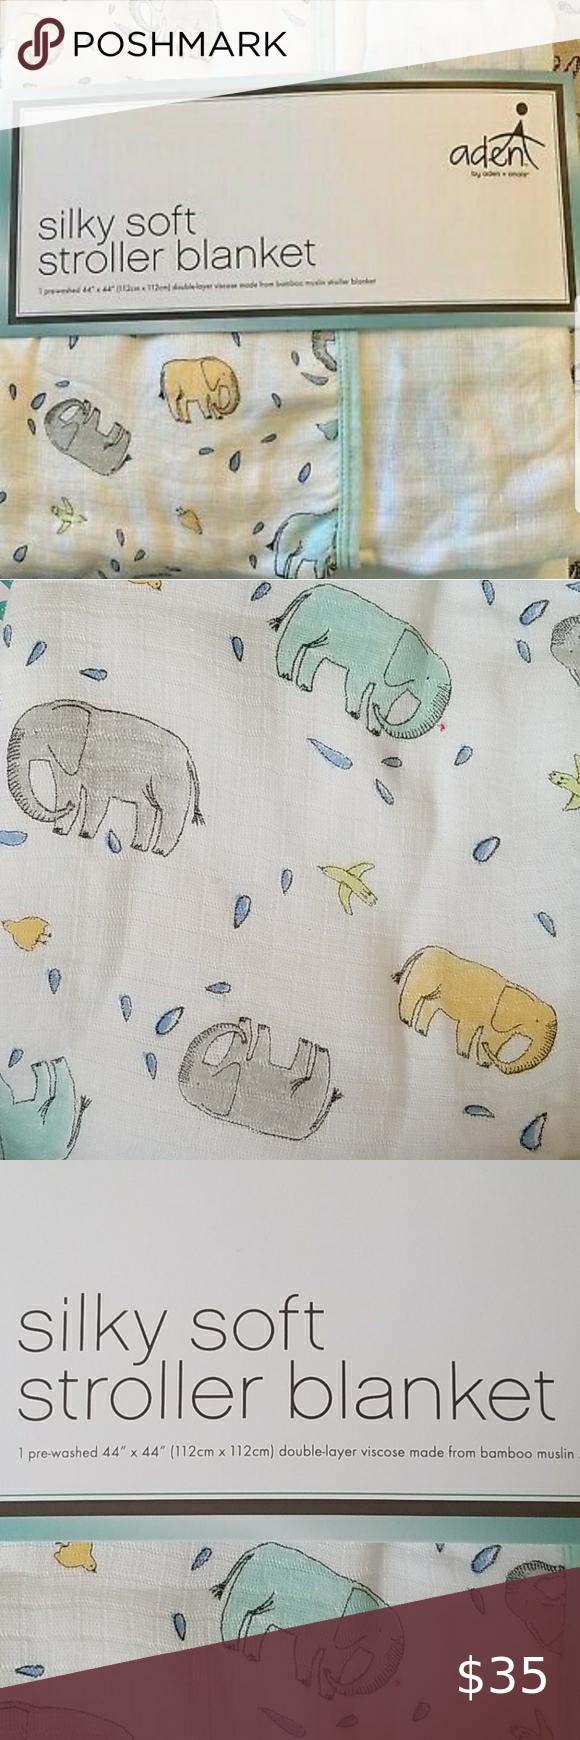 aden by aden anais Baby Blanket Ellie Parade